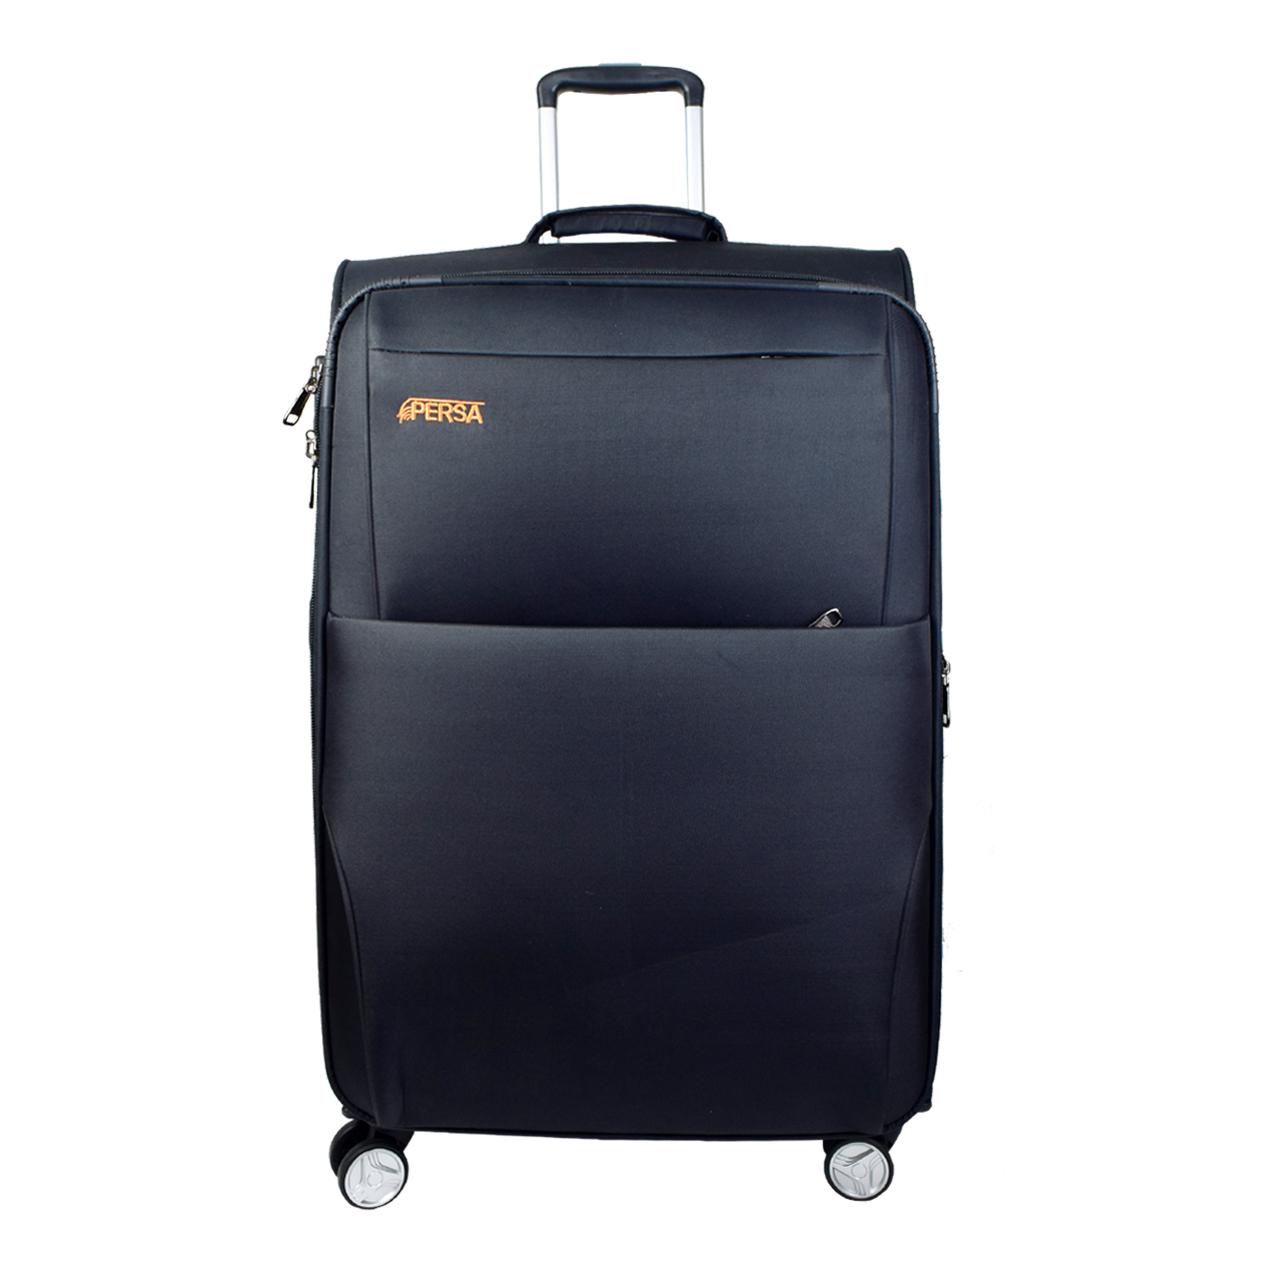 خرید                                      چمدان پرسا مدل 30111628 سایز بزرگ